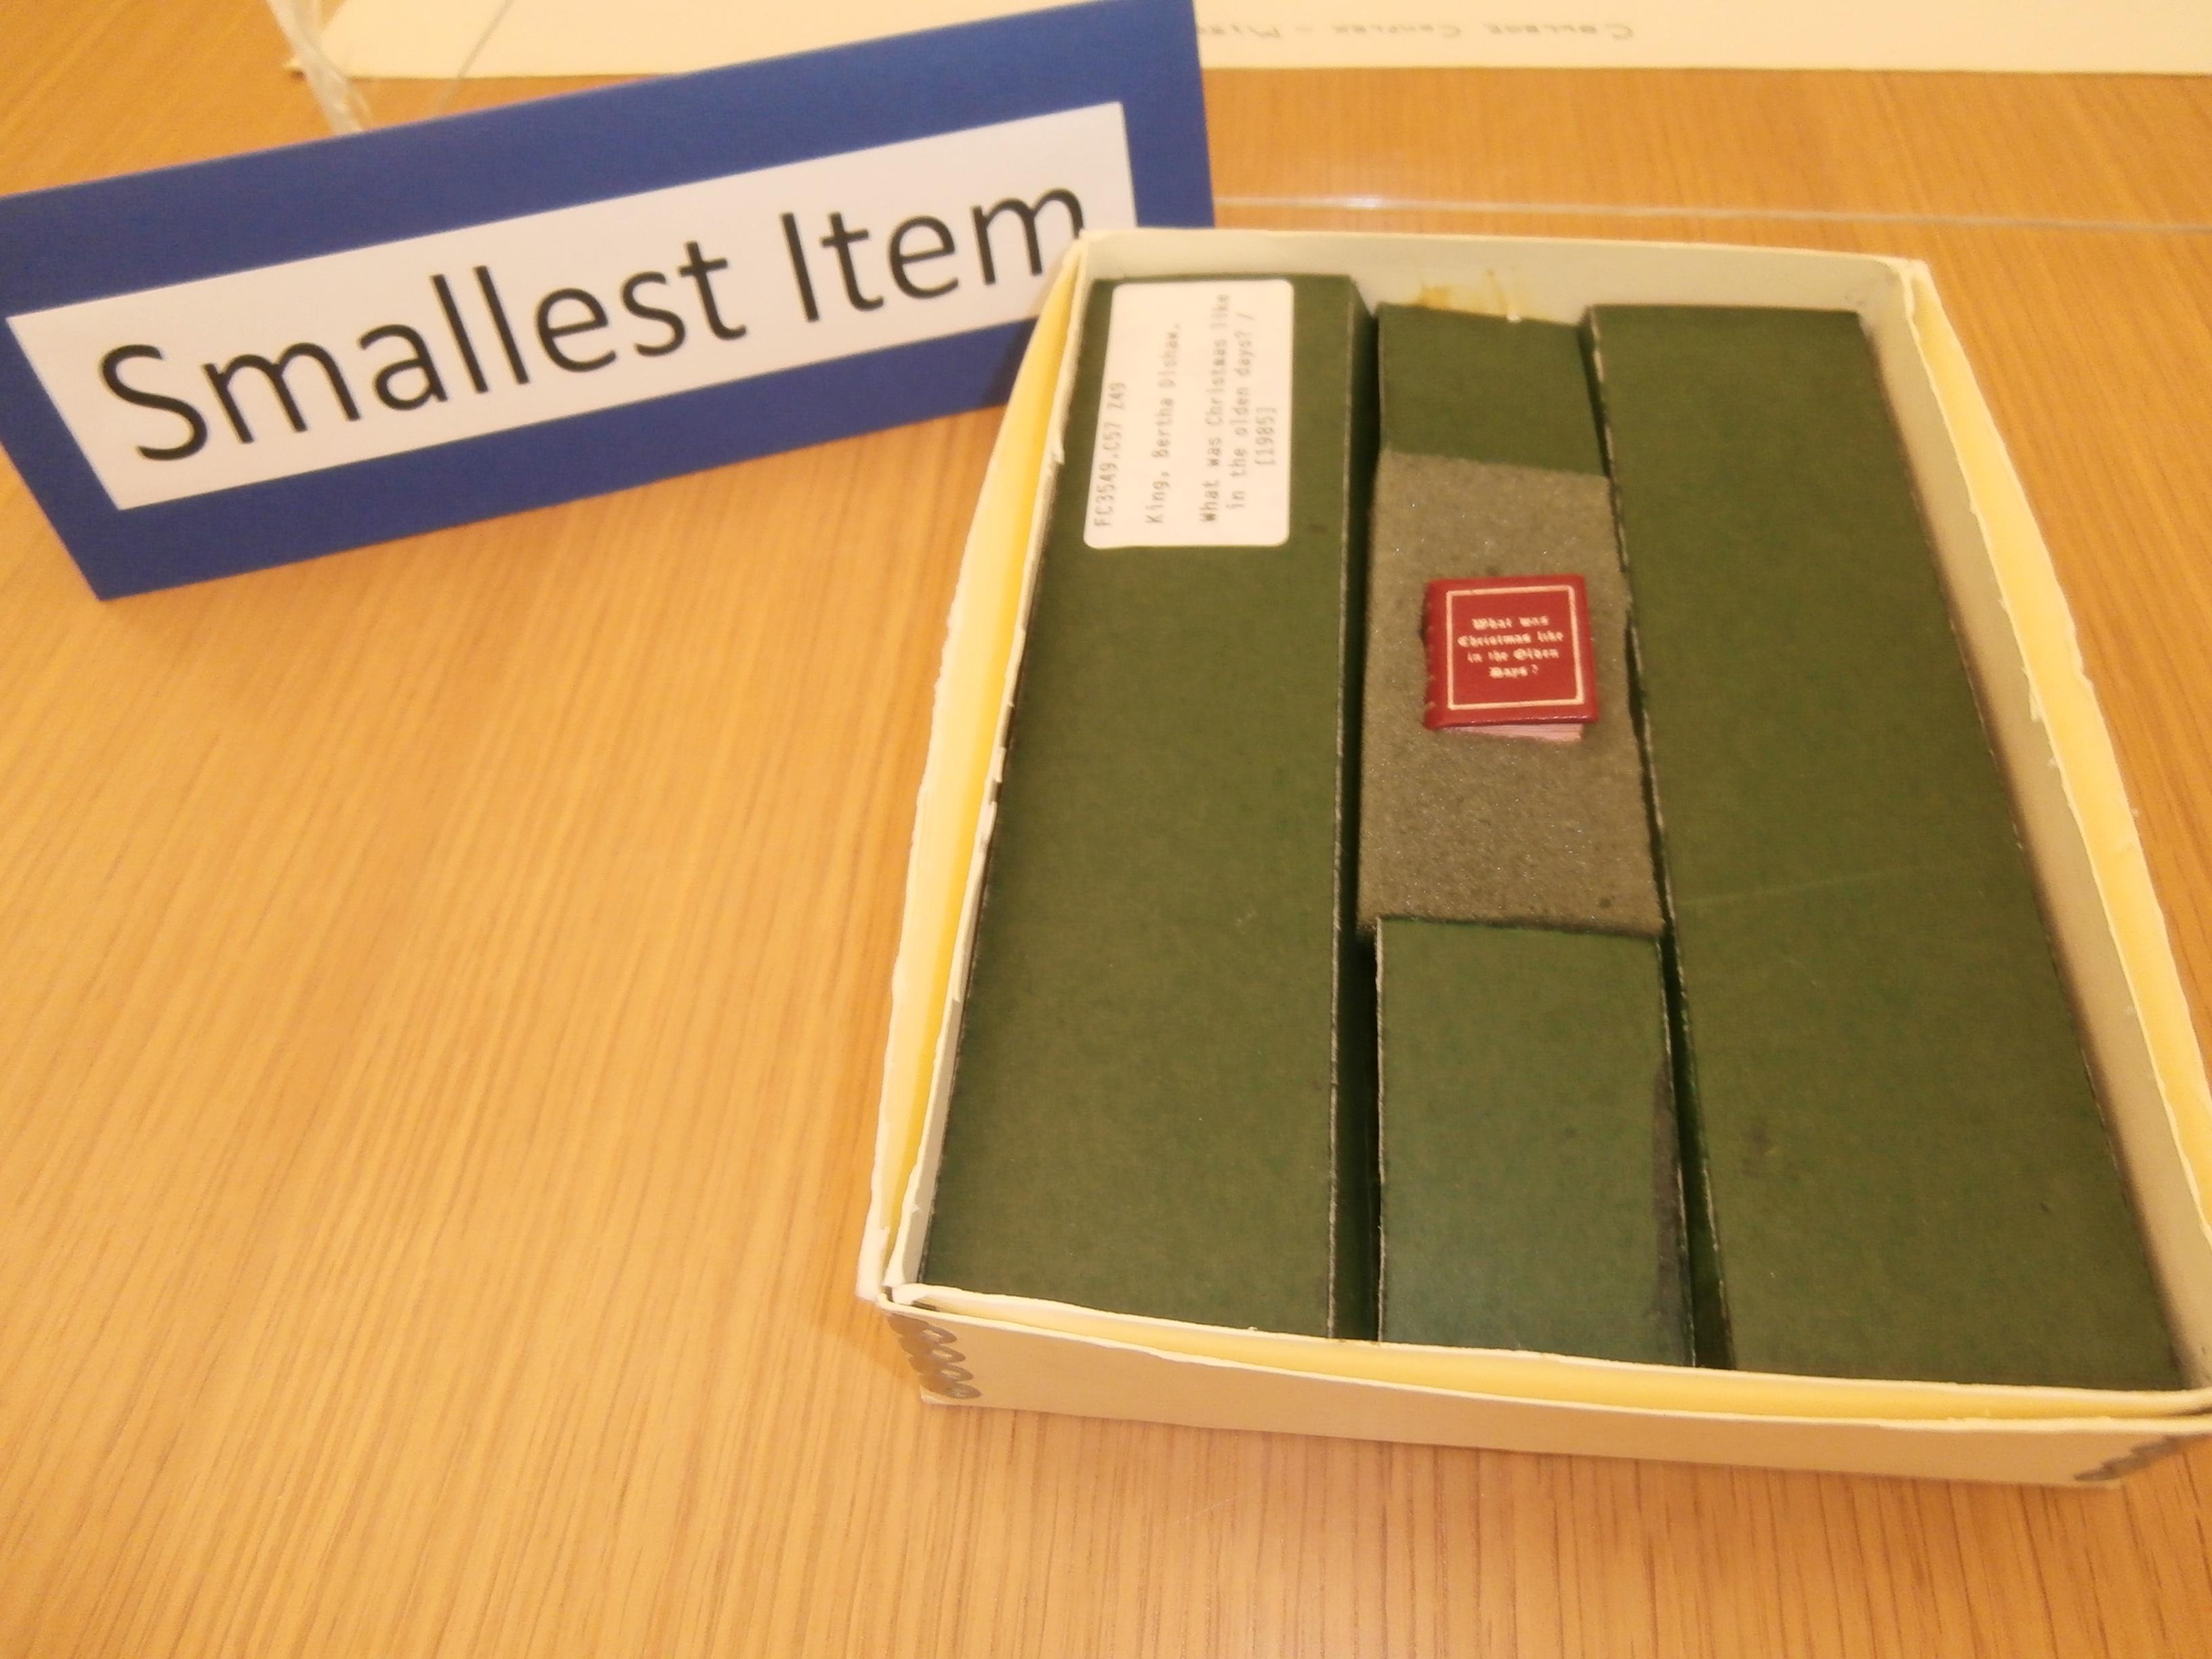 Smallest Item - Book -